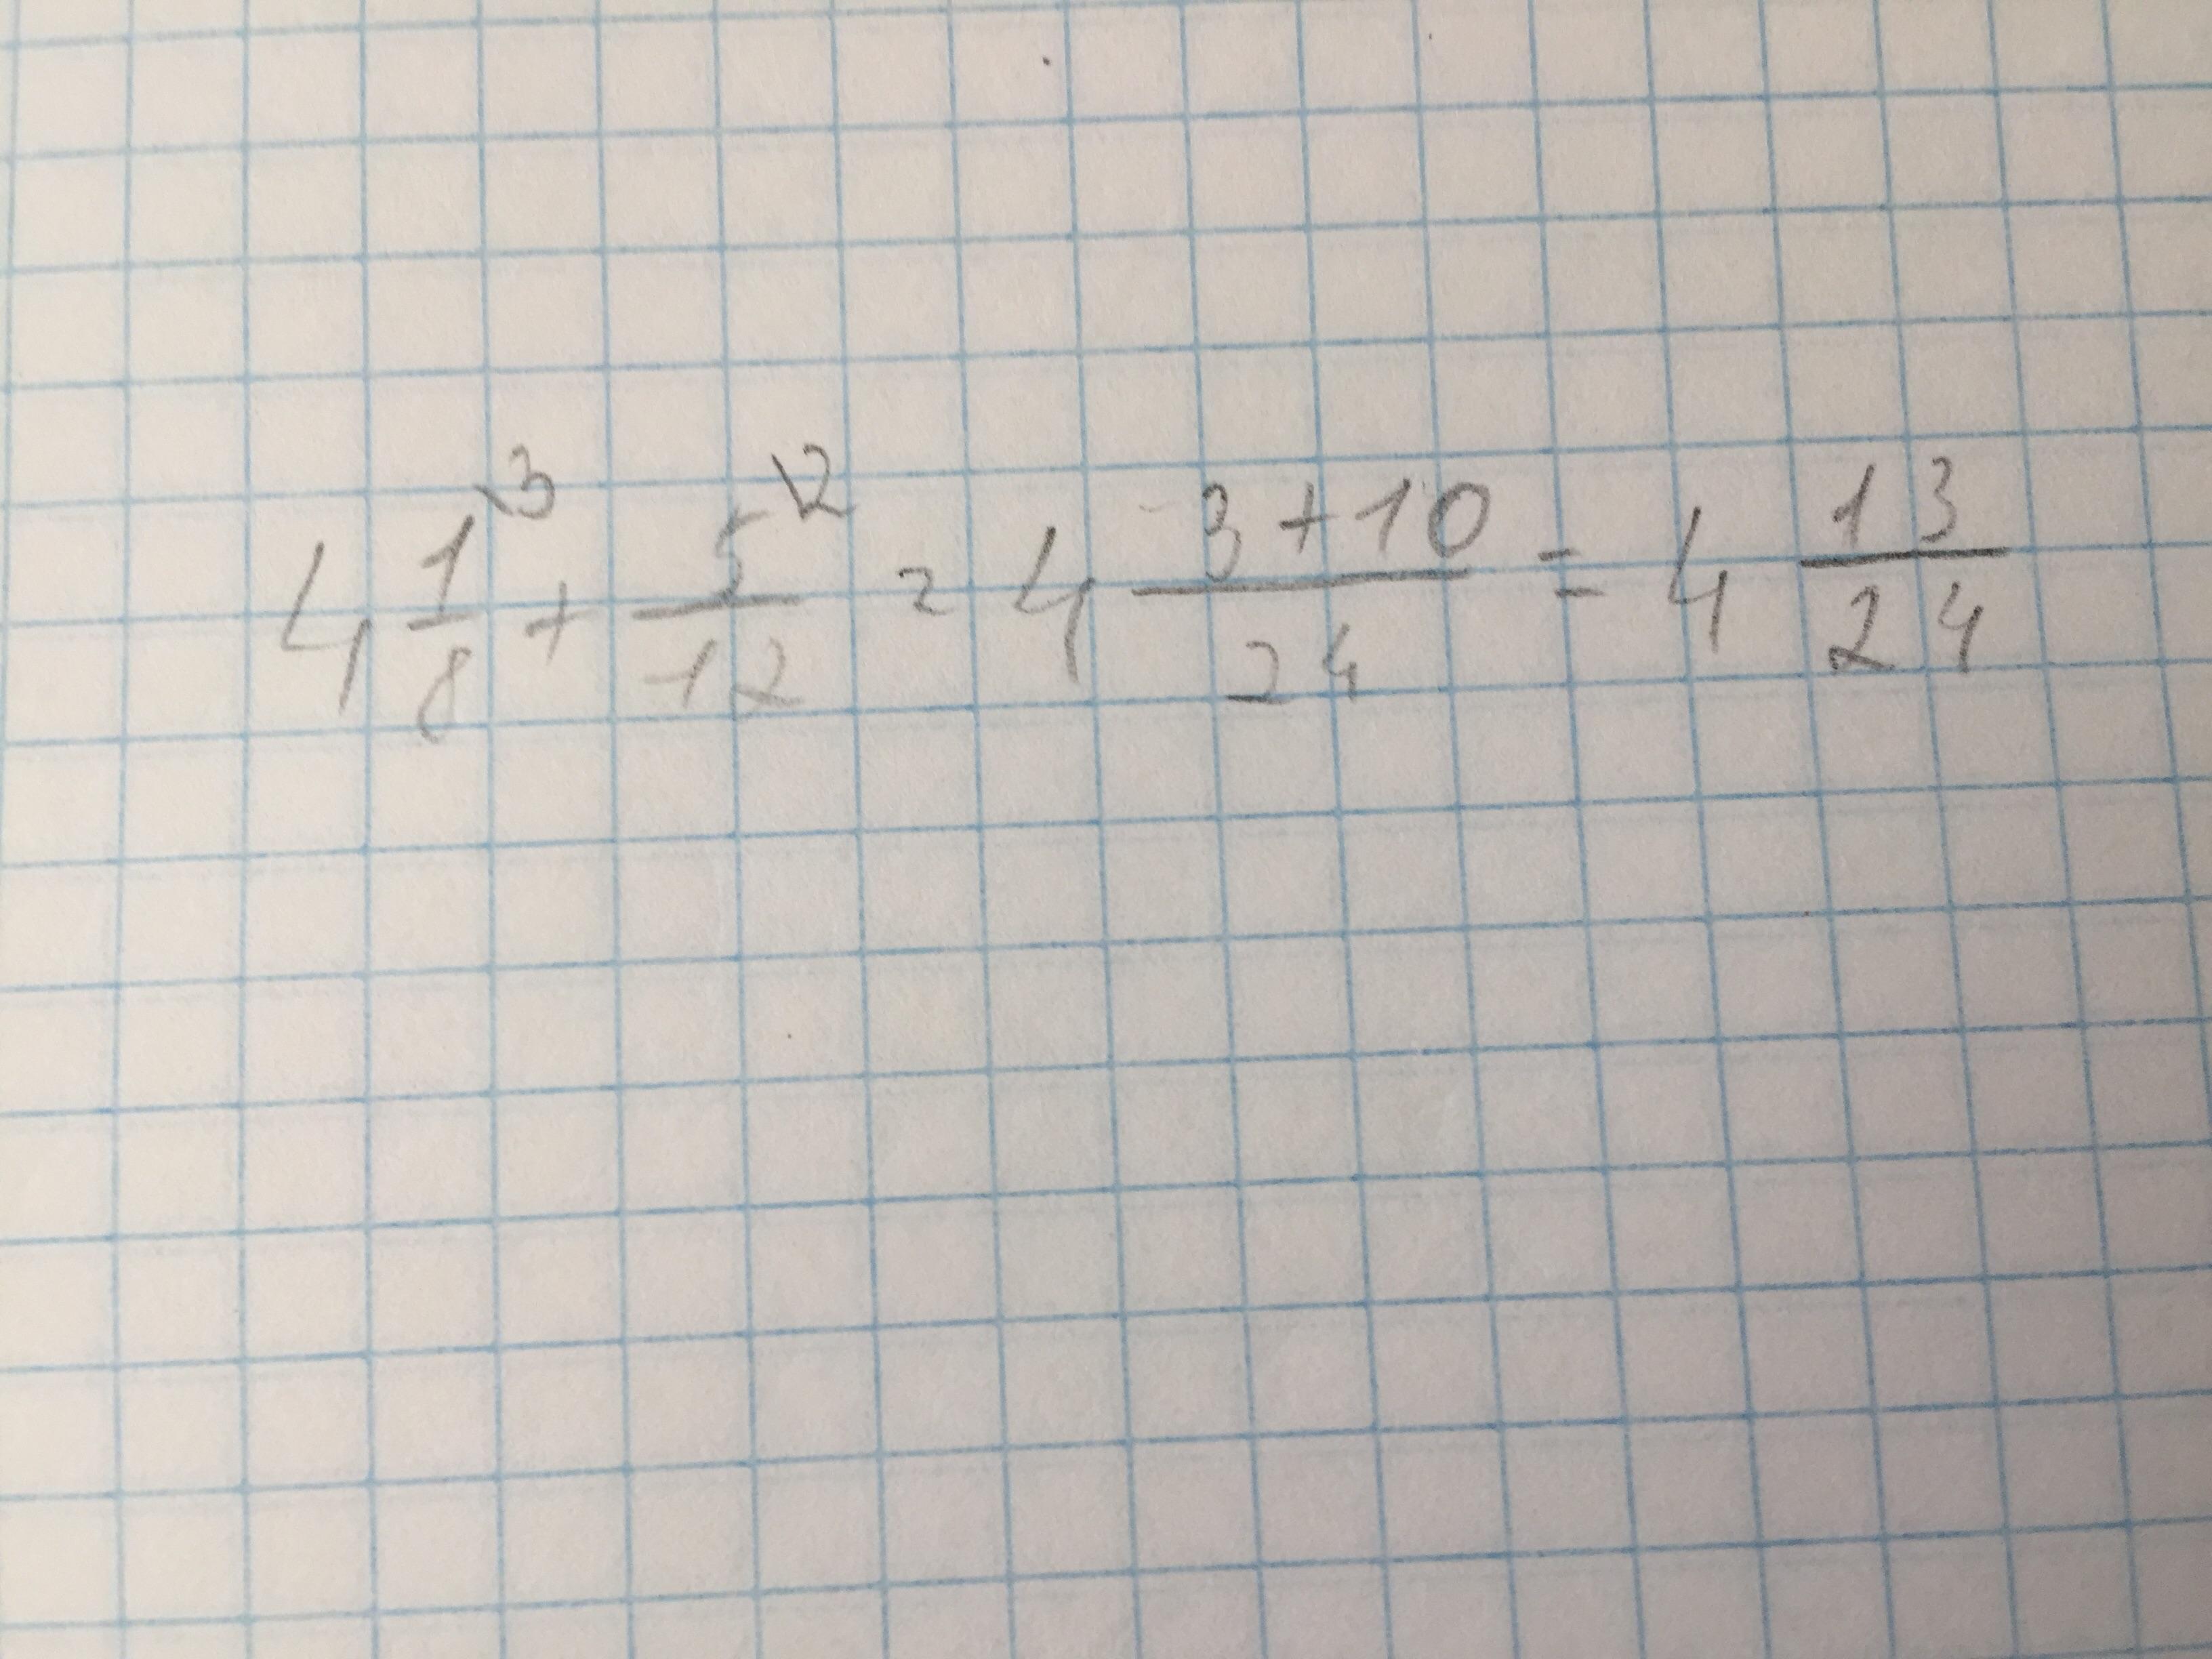 4 1/8 + 5/12 пожалуйста помогите решить мне этот